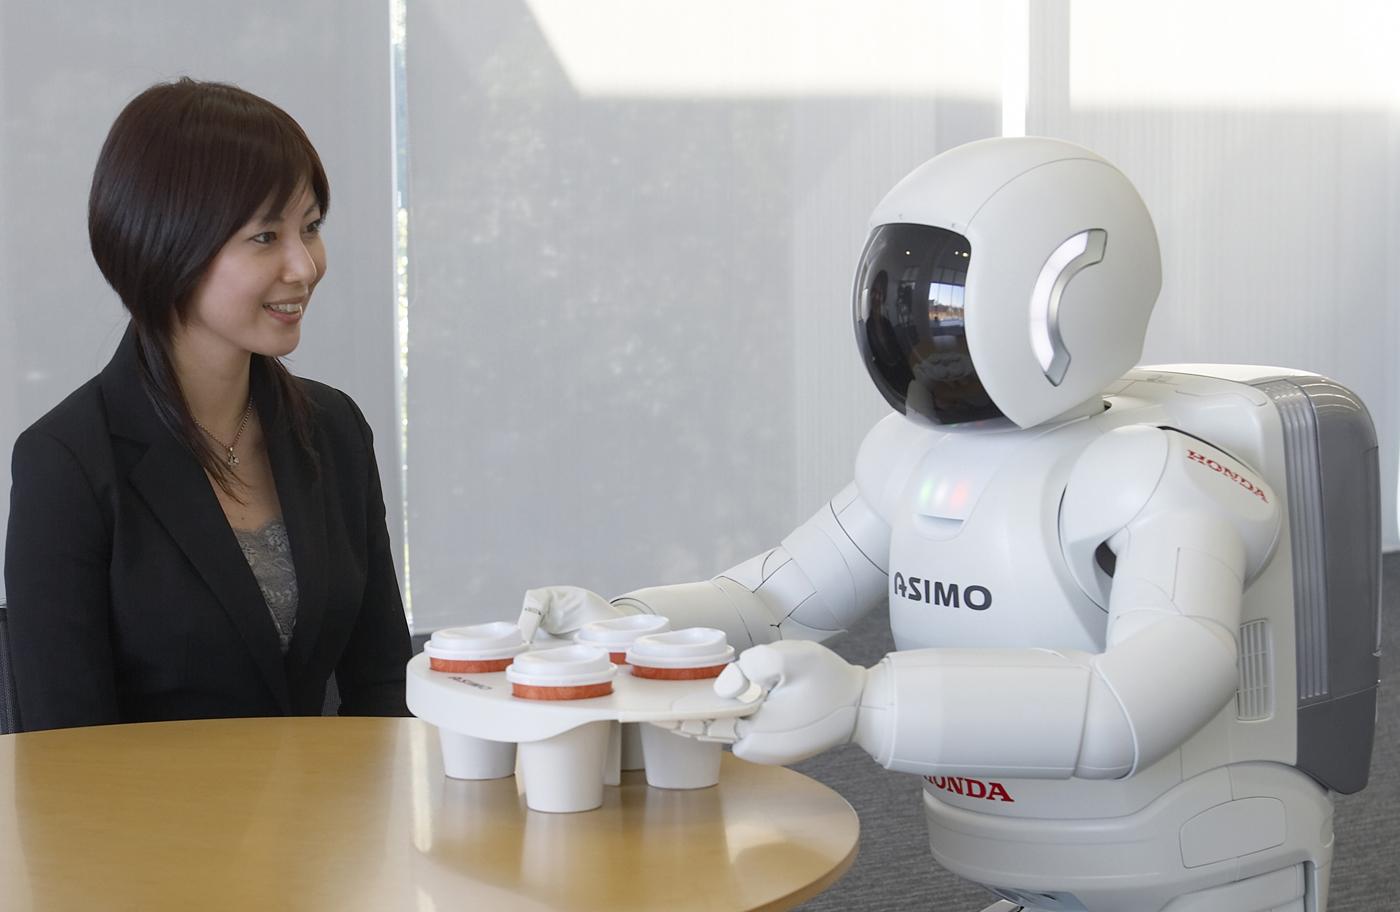 ホンダの二足歩行ロボット研究は「人との協調」を目指して開発の蓄積が続けられてきた。多くの現場で経験値が積み上げられてきているが……